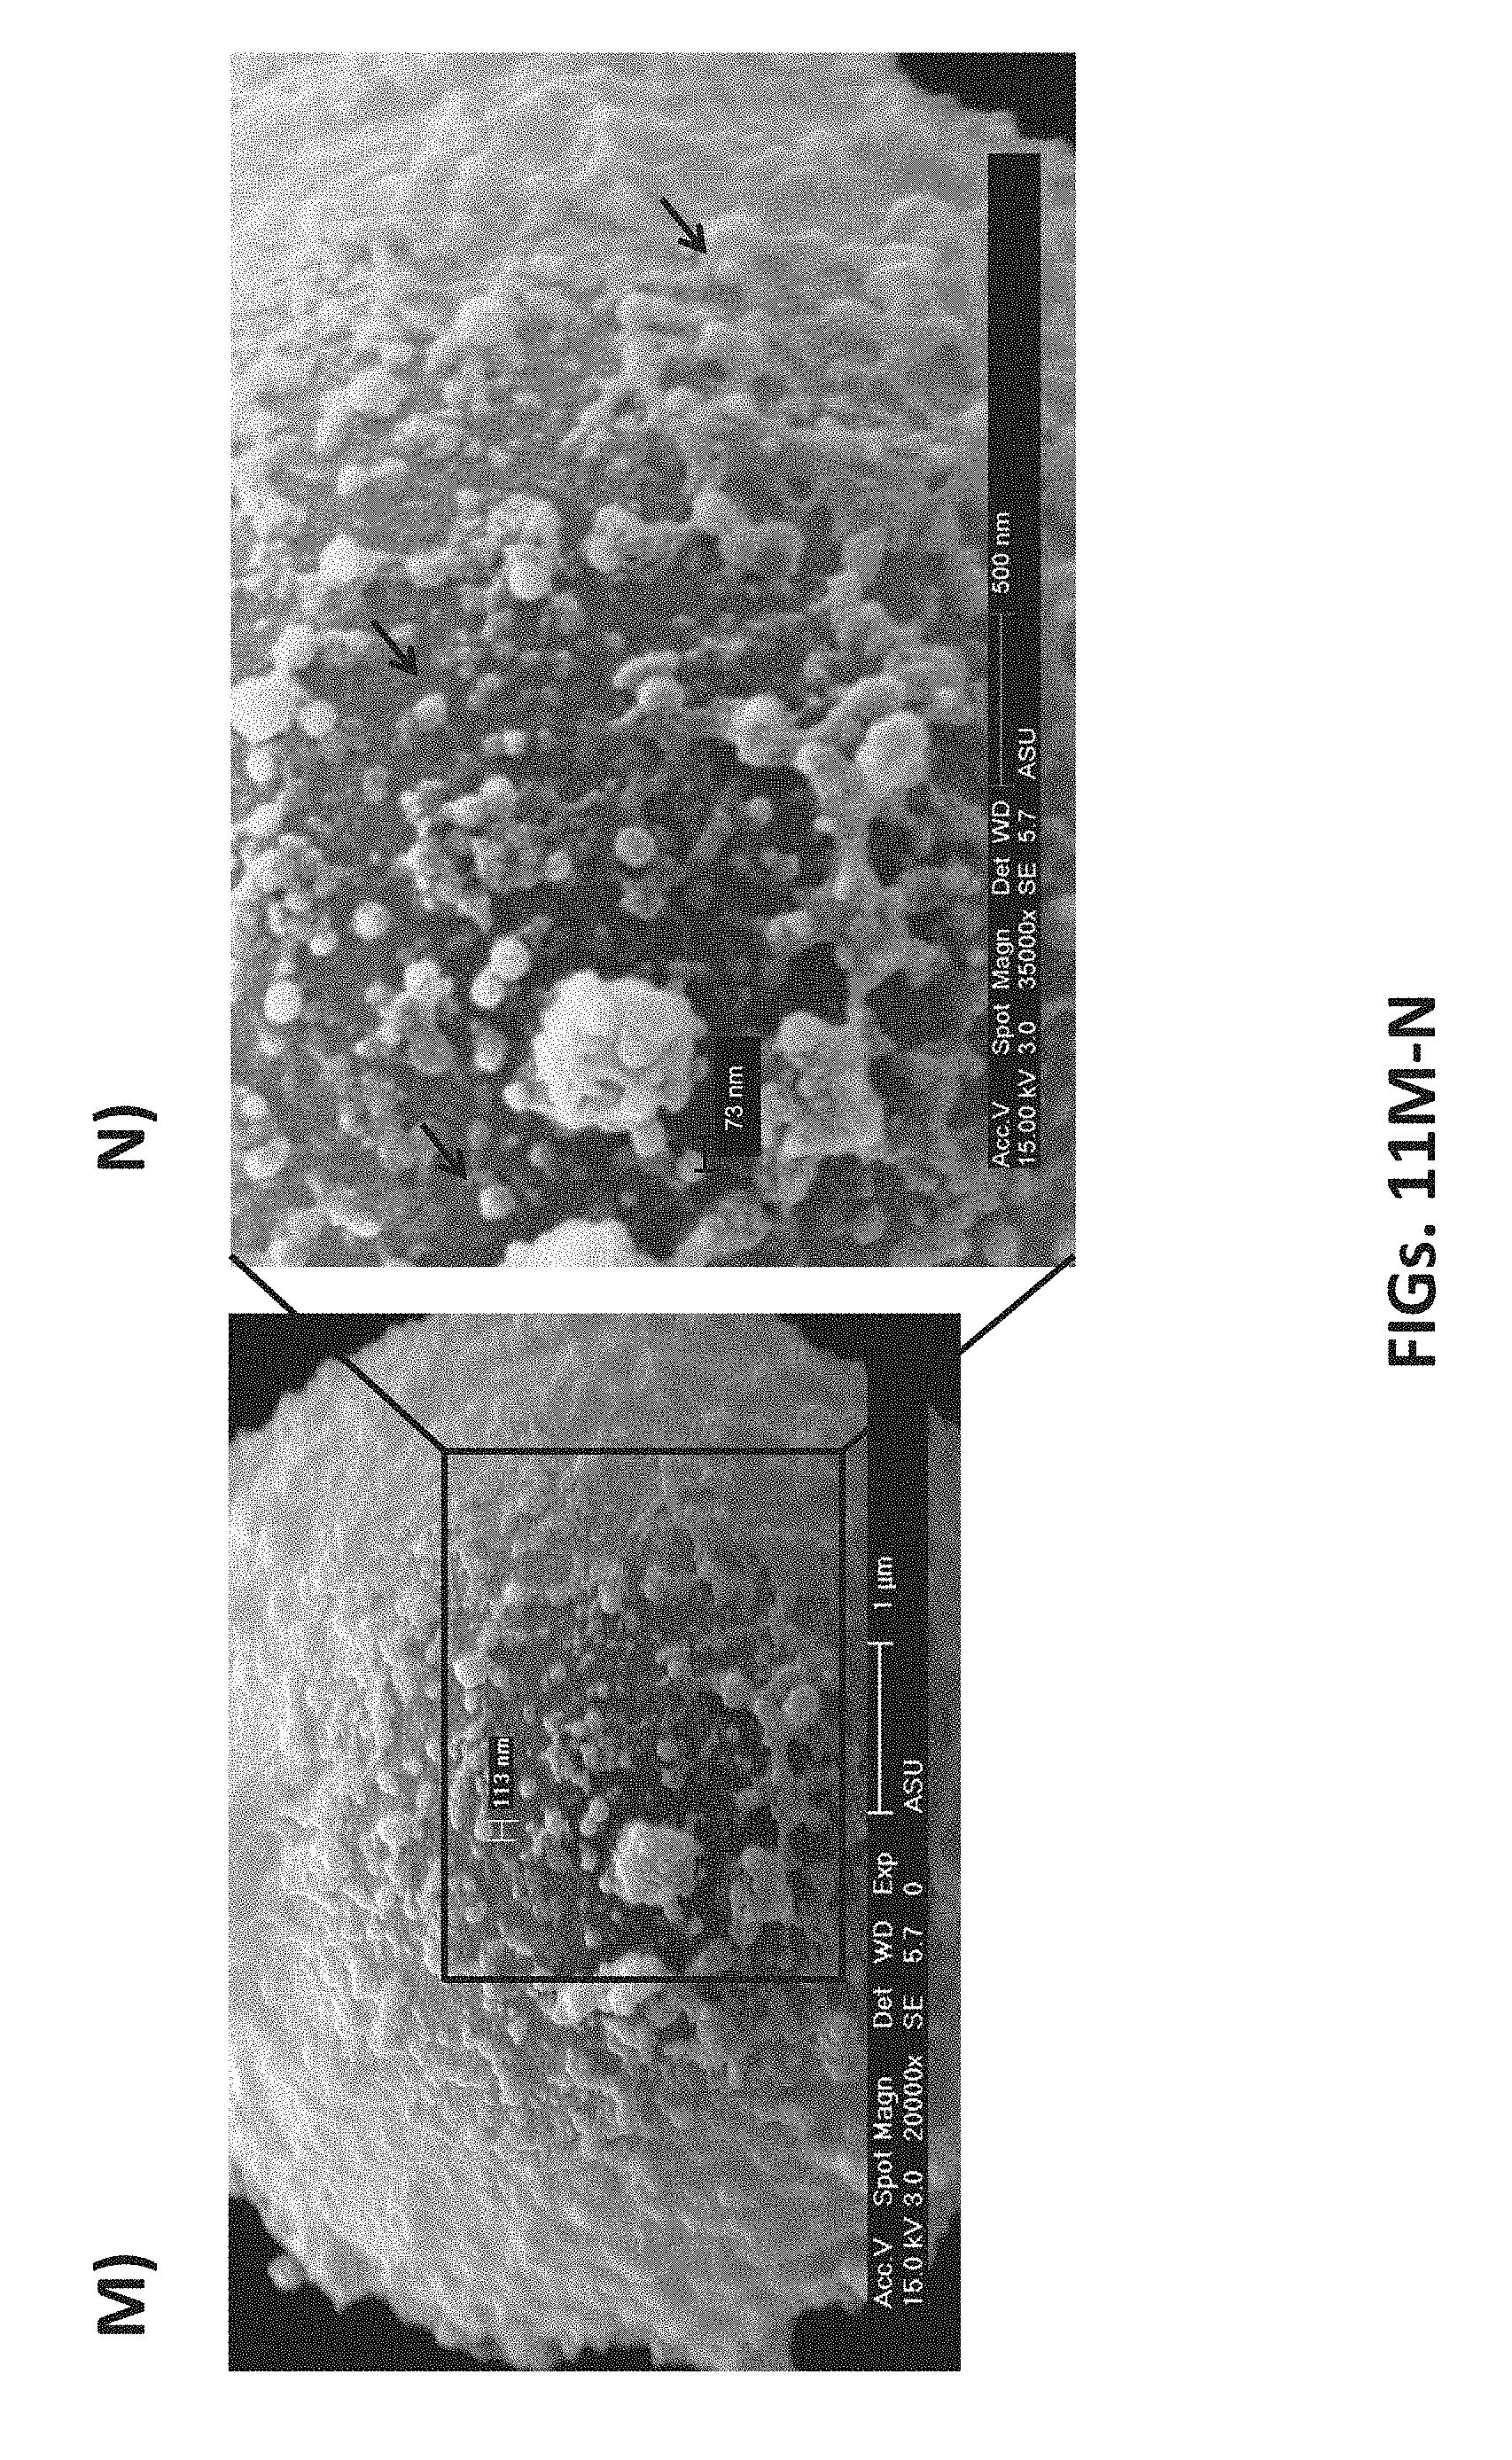 5e553b475f ... Patent images ...